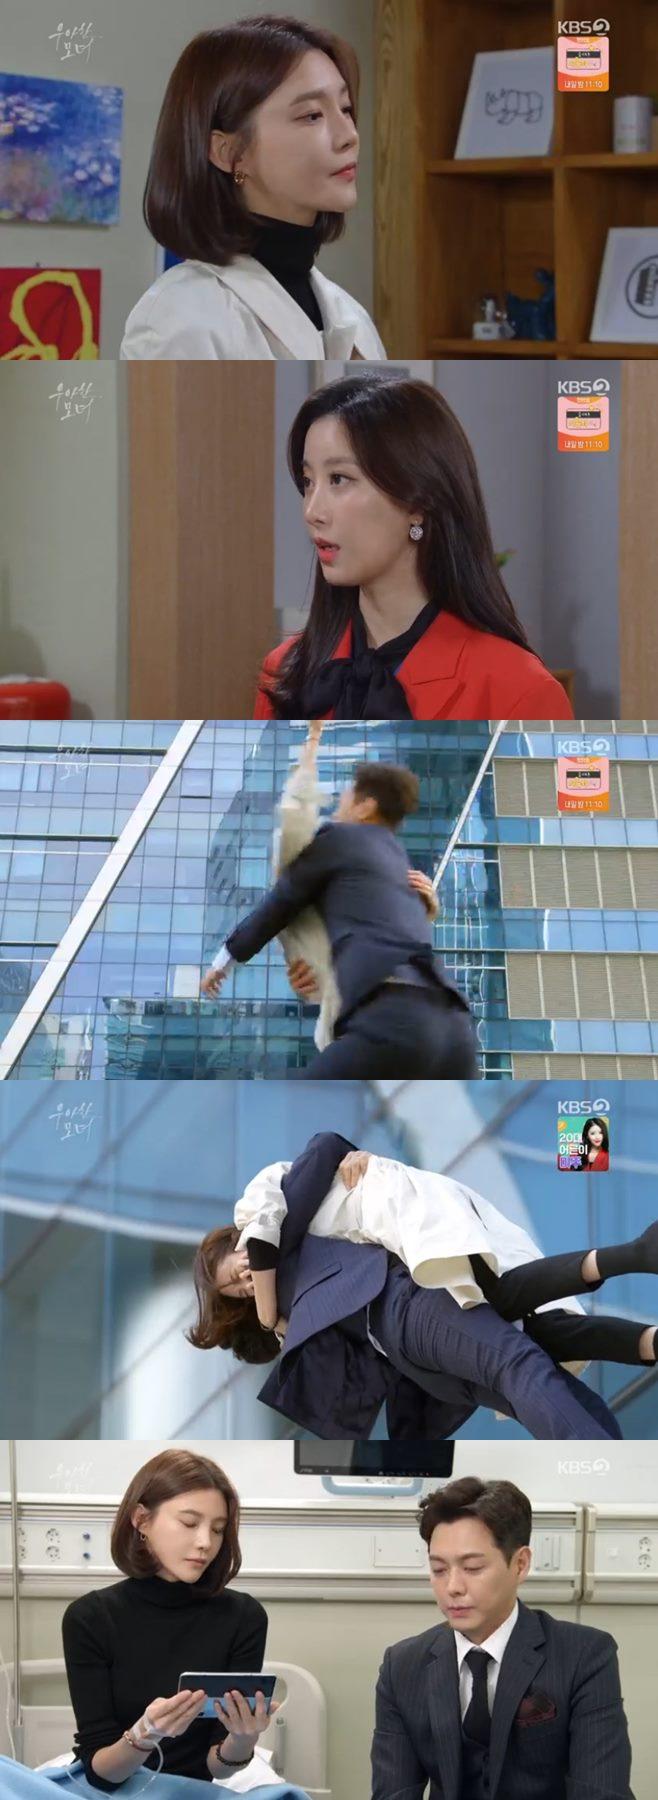 우아한 모녀 최명길 차예련 김흥수 김명수 지수원 이훈 조경숙 오채이 이해우 11회